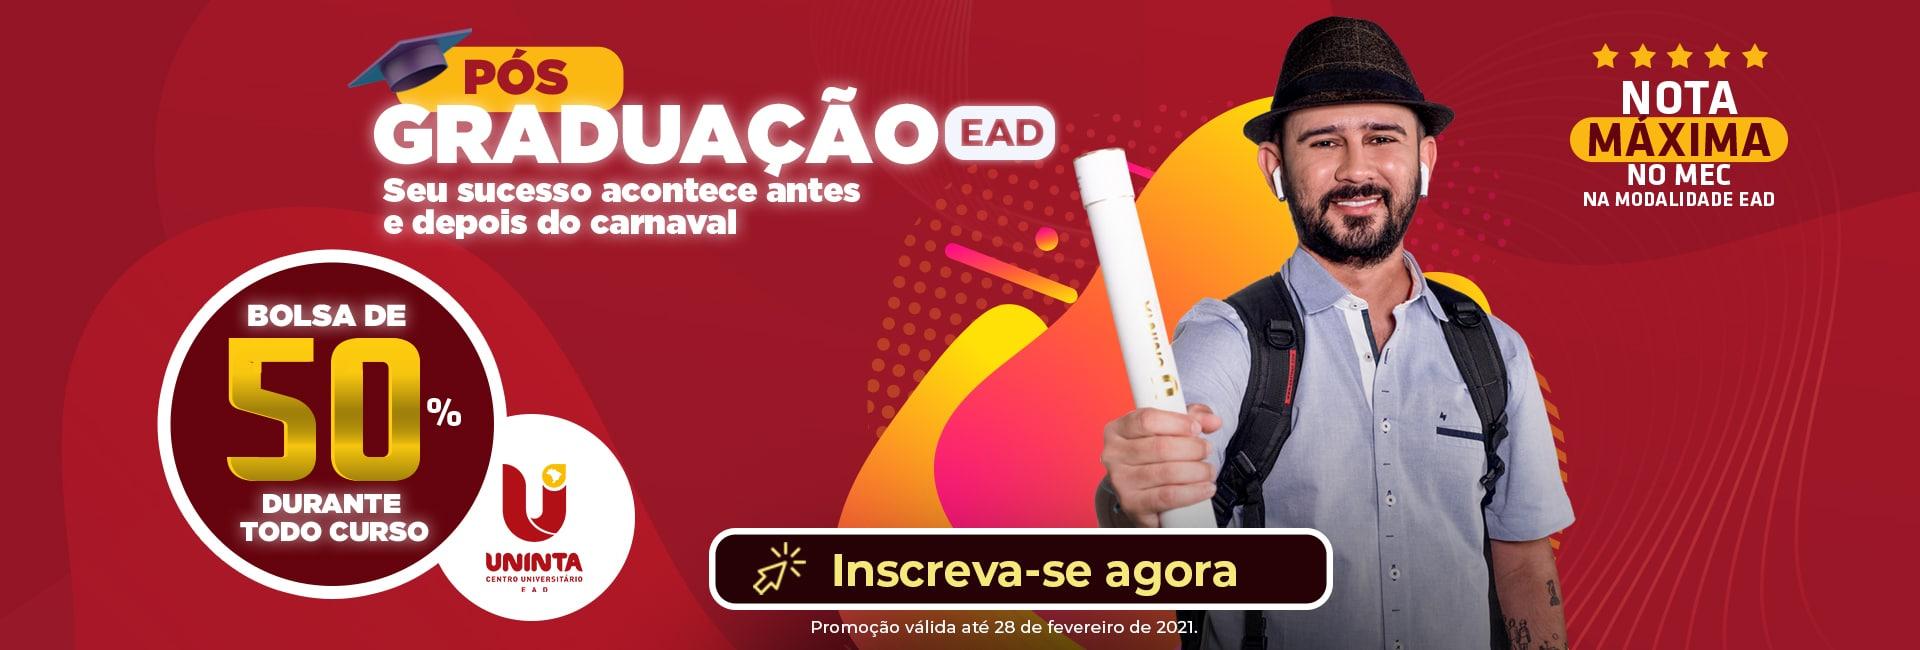 UNINTA EAD pós-graduação carnaval BANNER SITE